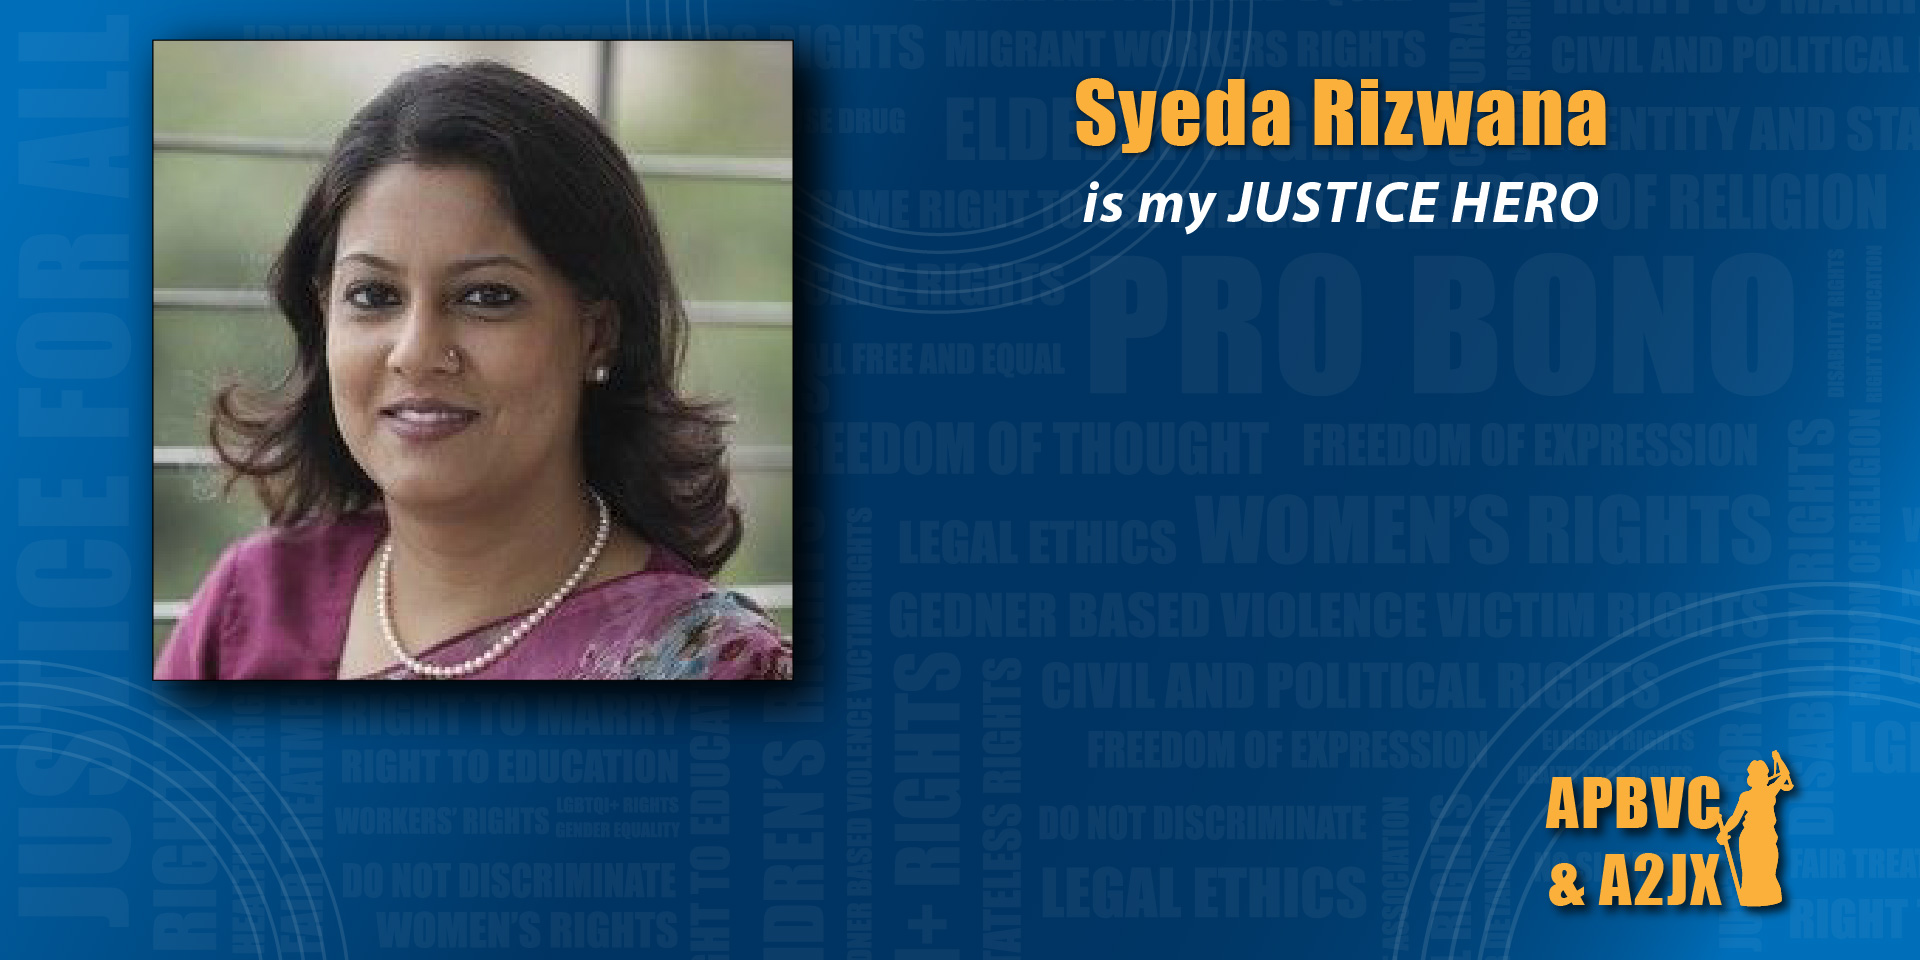 Syeda Rizwana